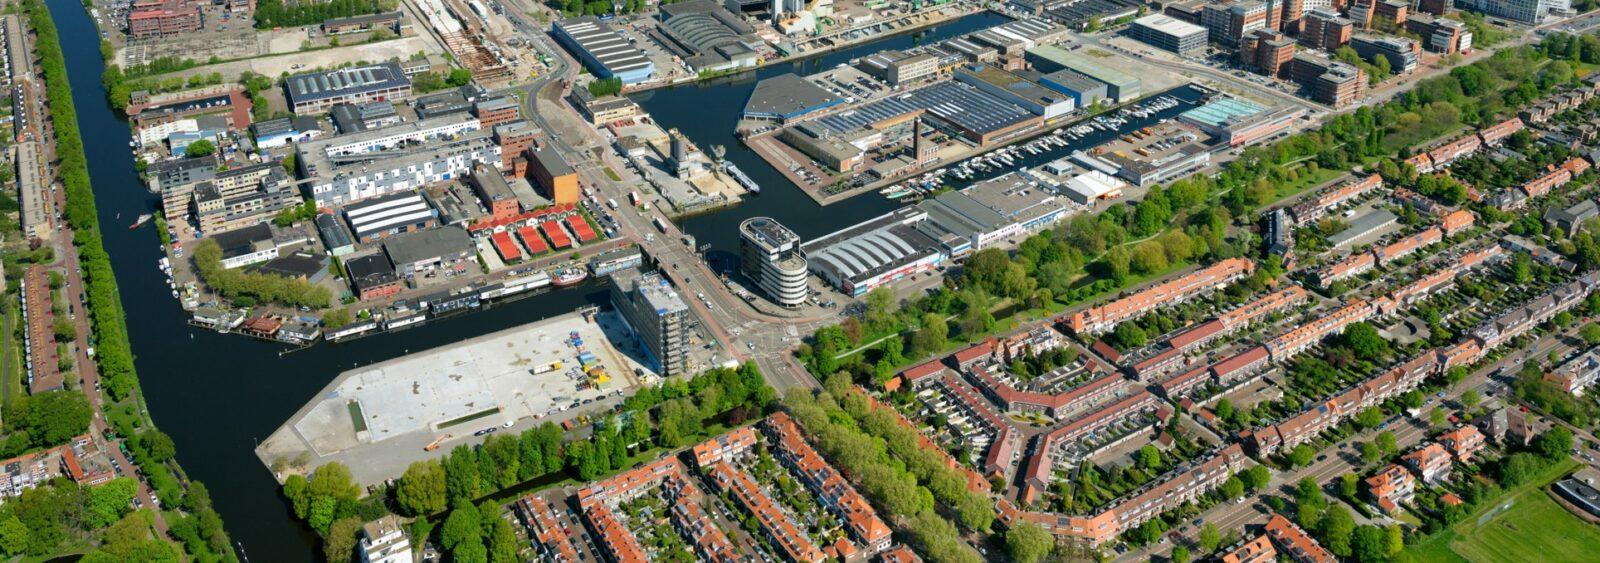 Overheden stellen financiën beschikbaar voor hoogwaardig OV in CID-Binckhorst